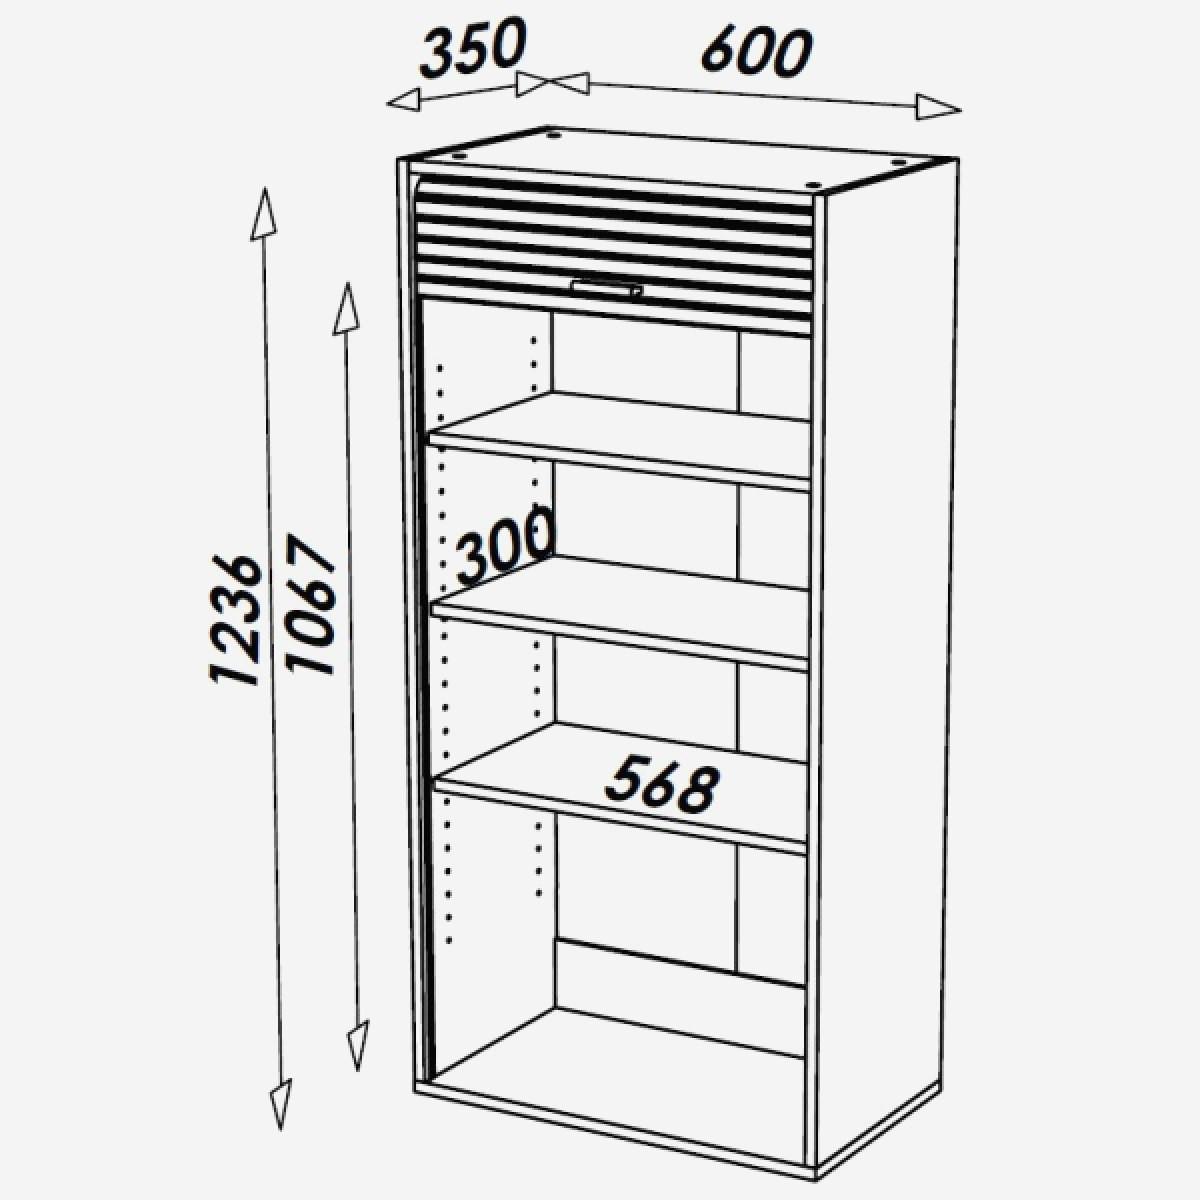 Meuble cuisine haut largeur 30 cm id e pour cuisine - Meuble cuisine largeur 45 cm ...